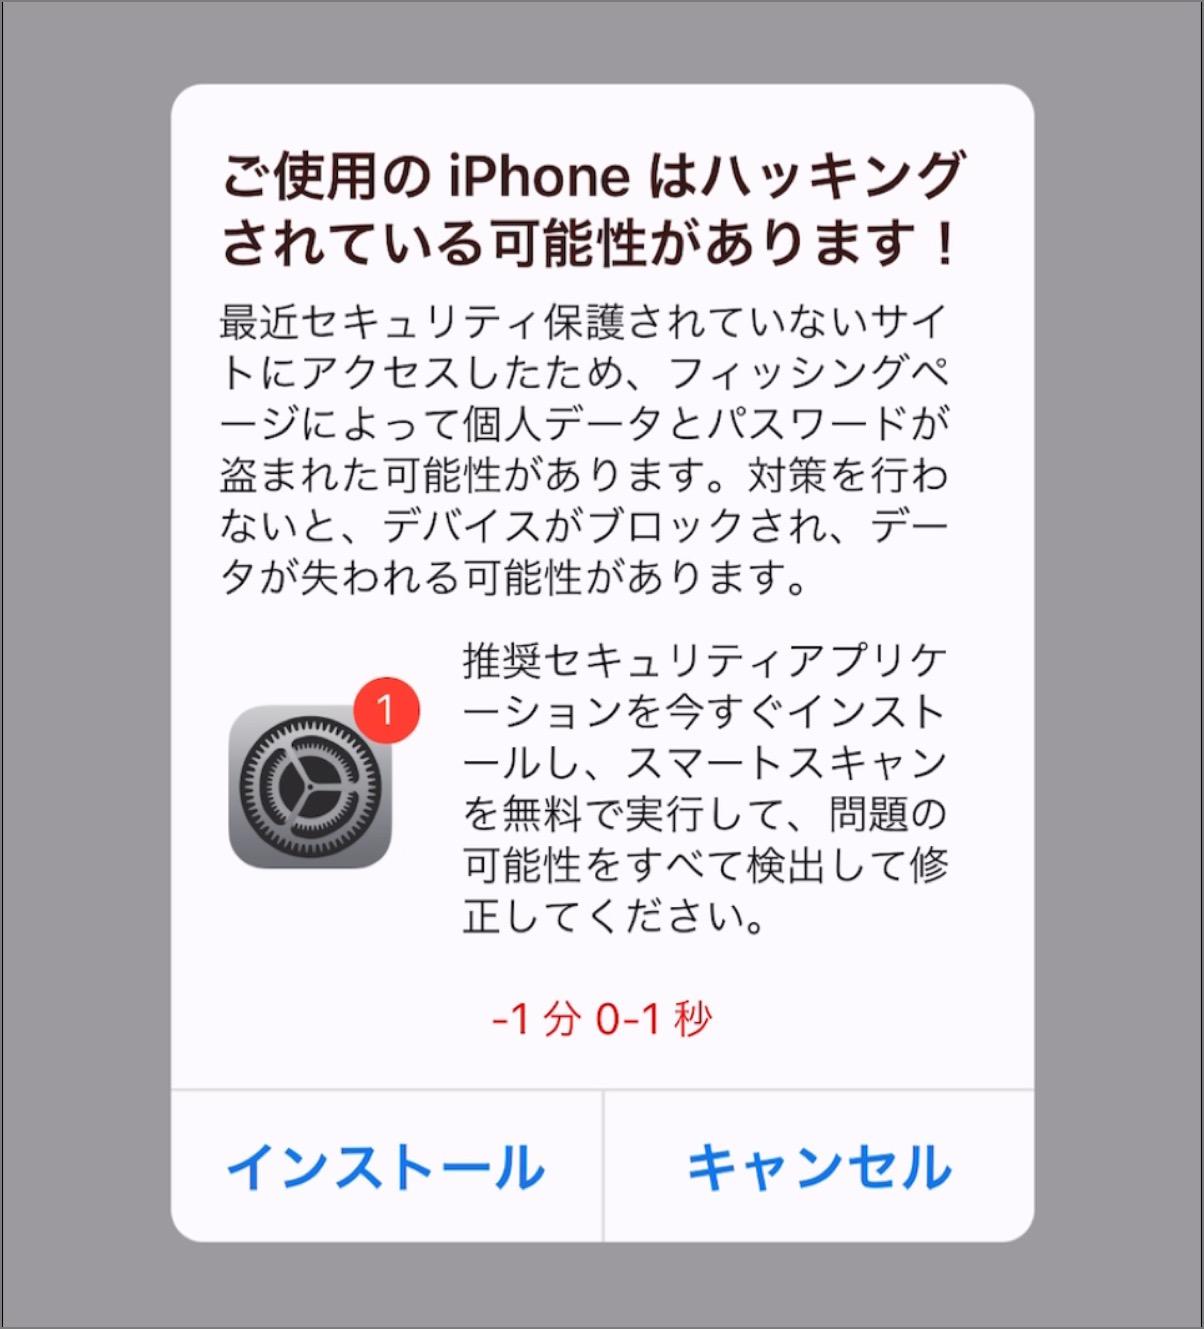 お 使い の iphone が ハッキング され て いる 可能 性 が あります このiPhoneはハッキングされました!ウイルスが検出されました!警告...